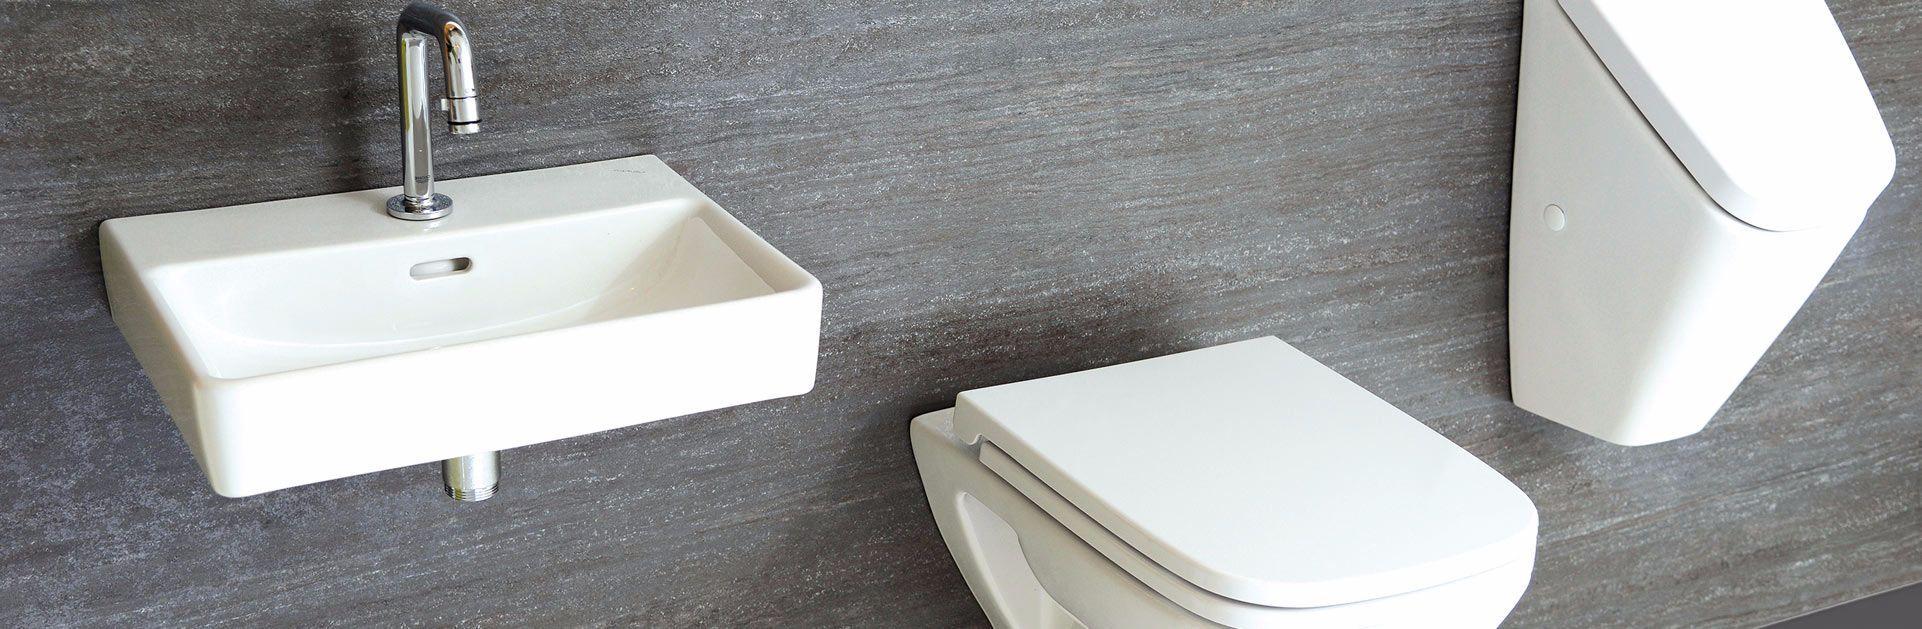 PlattenDesign, Dekor Basalt, Waschtisch, Urinal, Wandklosett